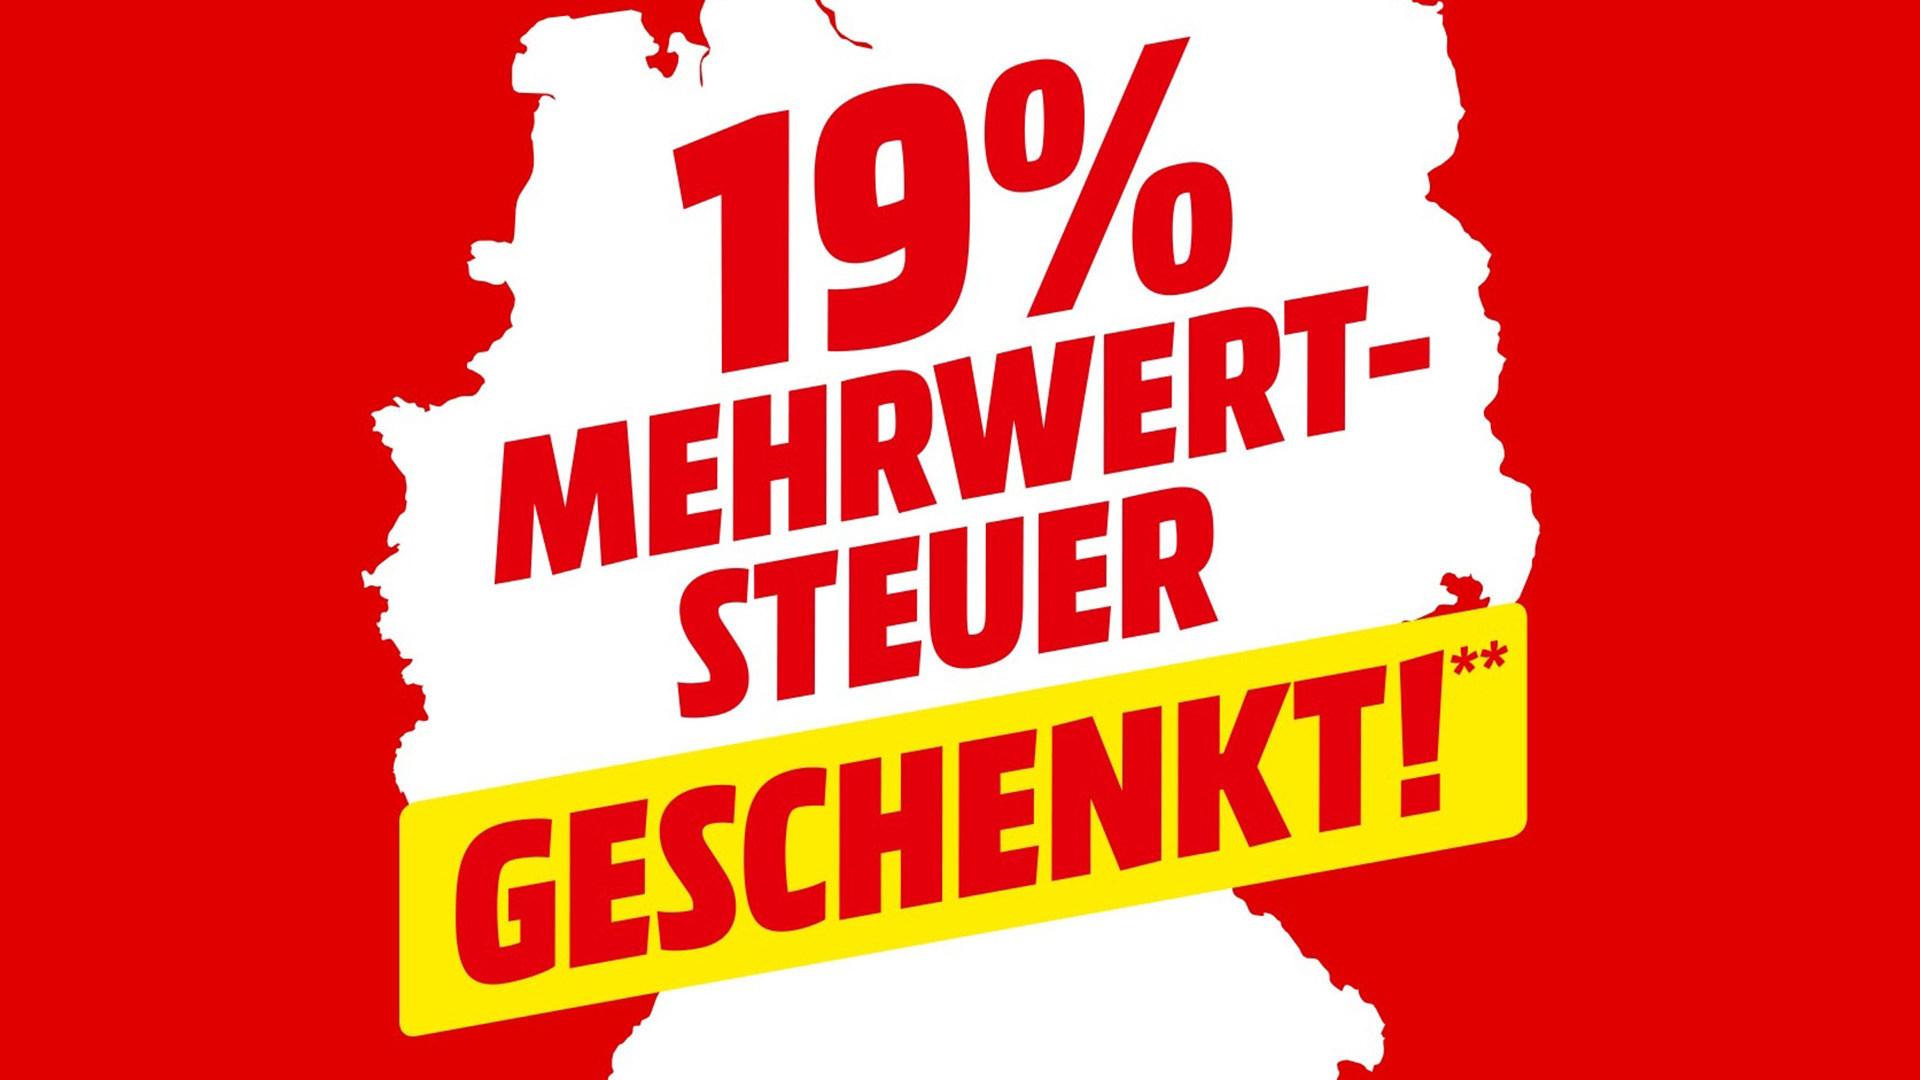 Sonderangebote, Rabattaktion, sale, Deals, Media Markt, 19 Prozent Aktion, Steuersparadies